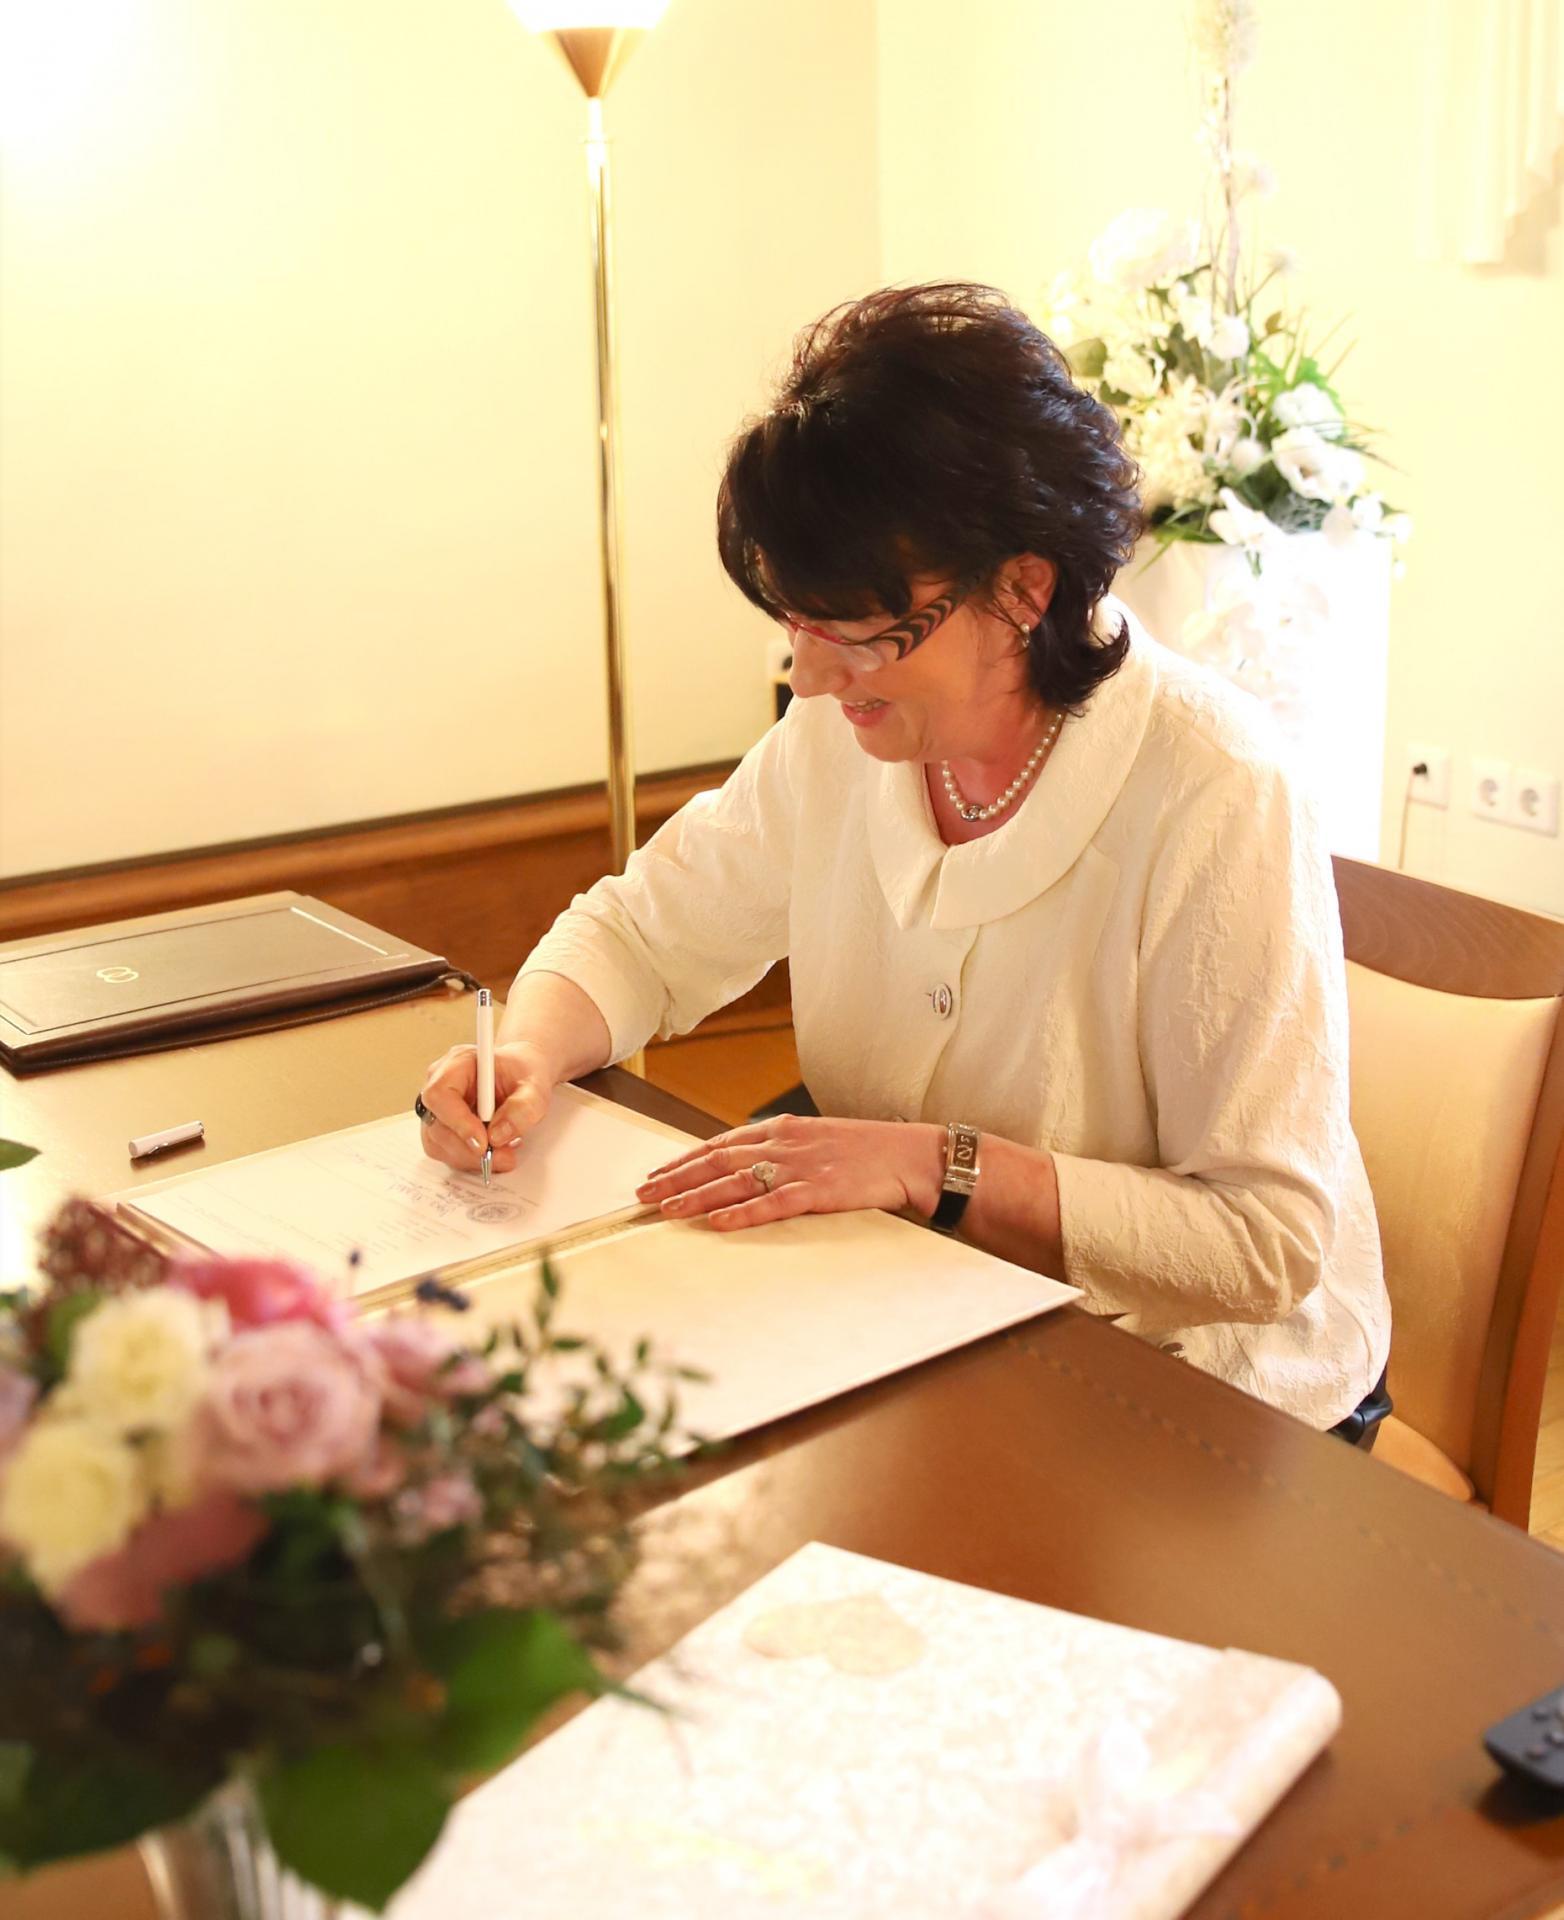 Mitarbeiterin im Standesamt bei der Unterzeichnung der Unterlagen (Foto: Stadtverwaltung Treuenbrietzen)